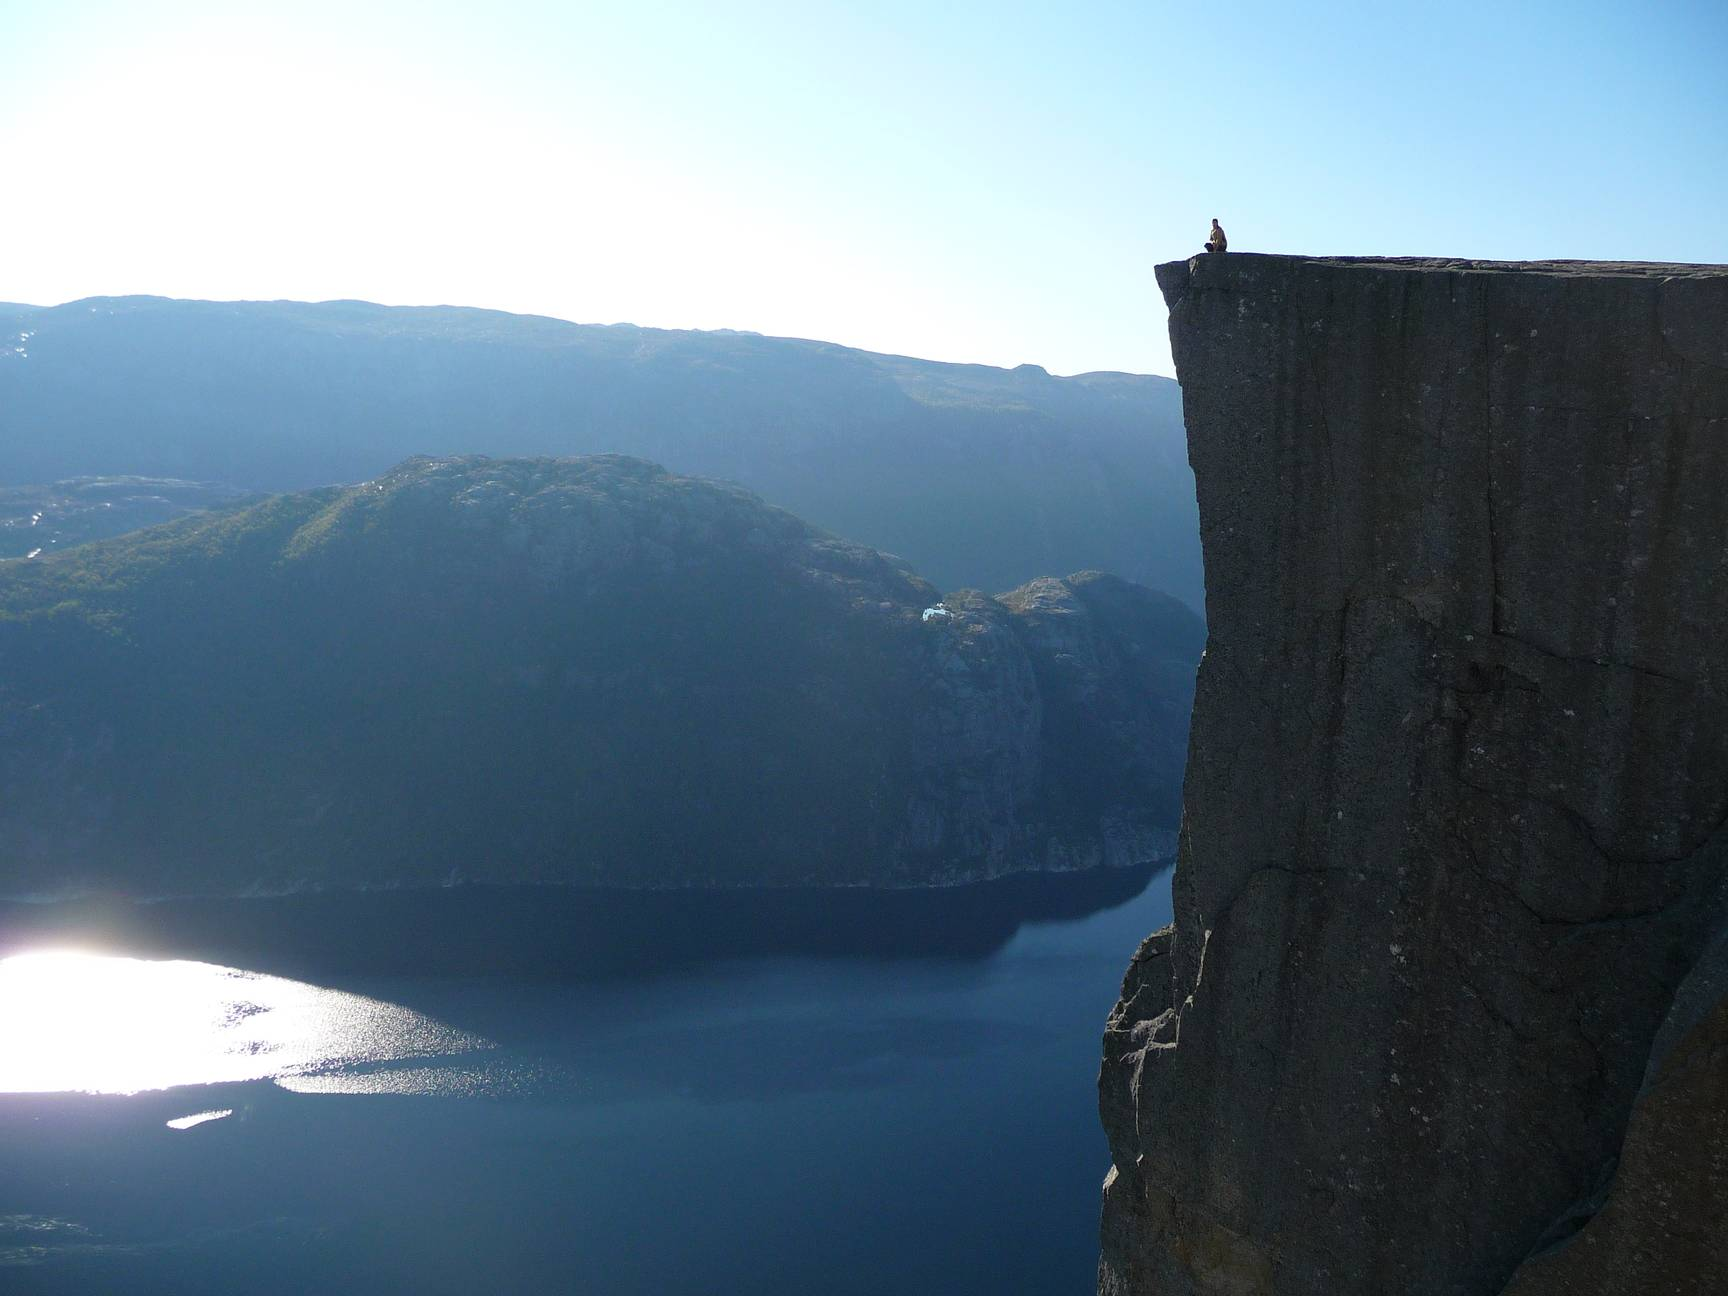 Выложили немного фоток из Норвегии